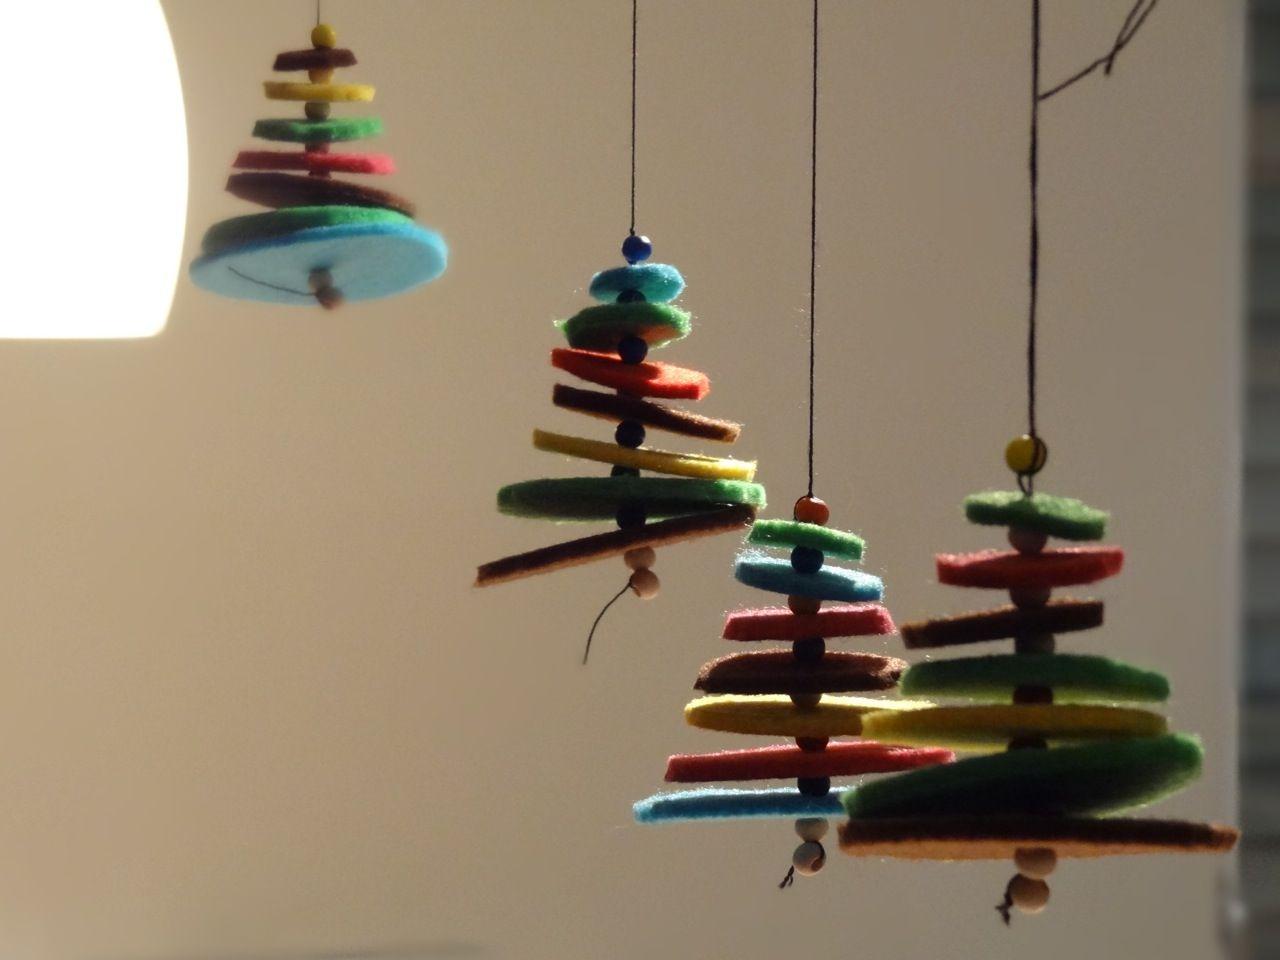 regenwurm die ersten weihnachtsb umchen kindergarten ideen pinterest regenwurm. Black Bedroom Furniture Sets. Home Design Ideas